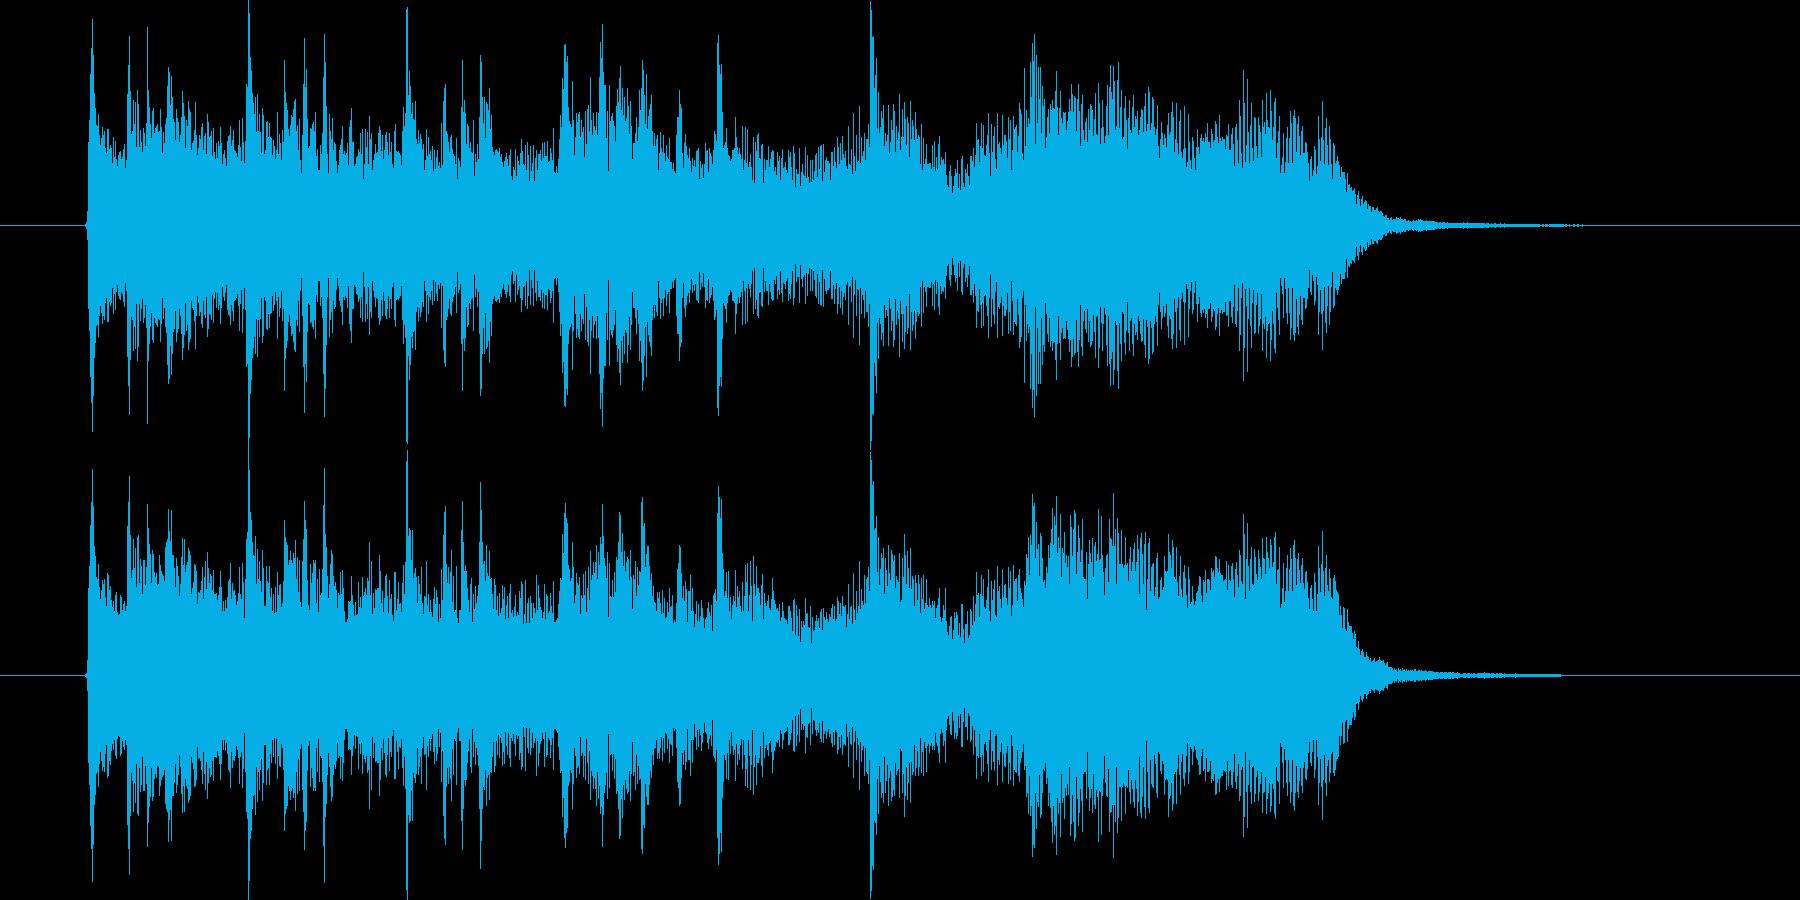 ミディアムテンポのチェンバロサウンドの再生済みの波形